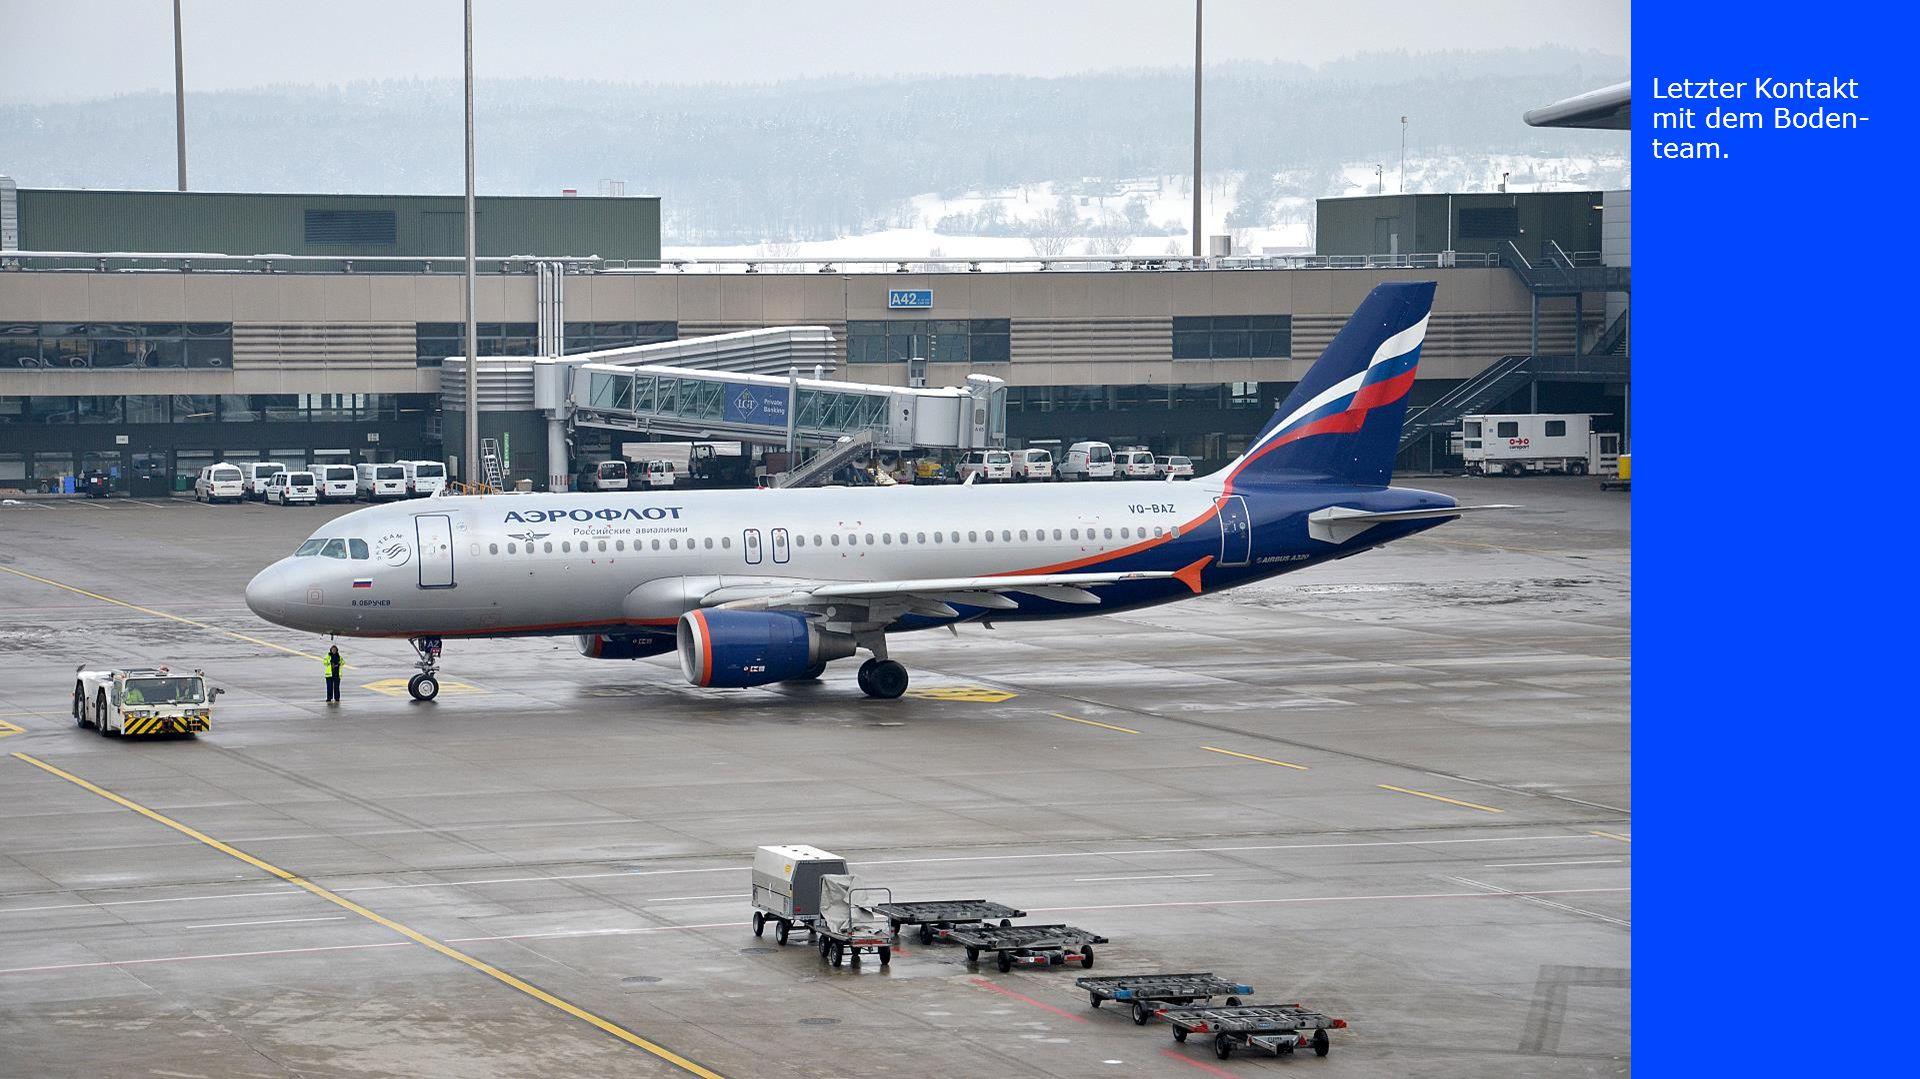 Der russische Airbus rollt zum Start.